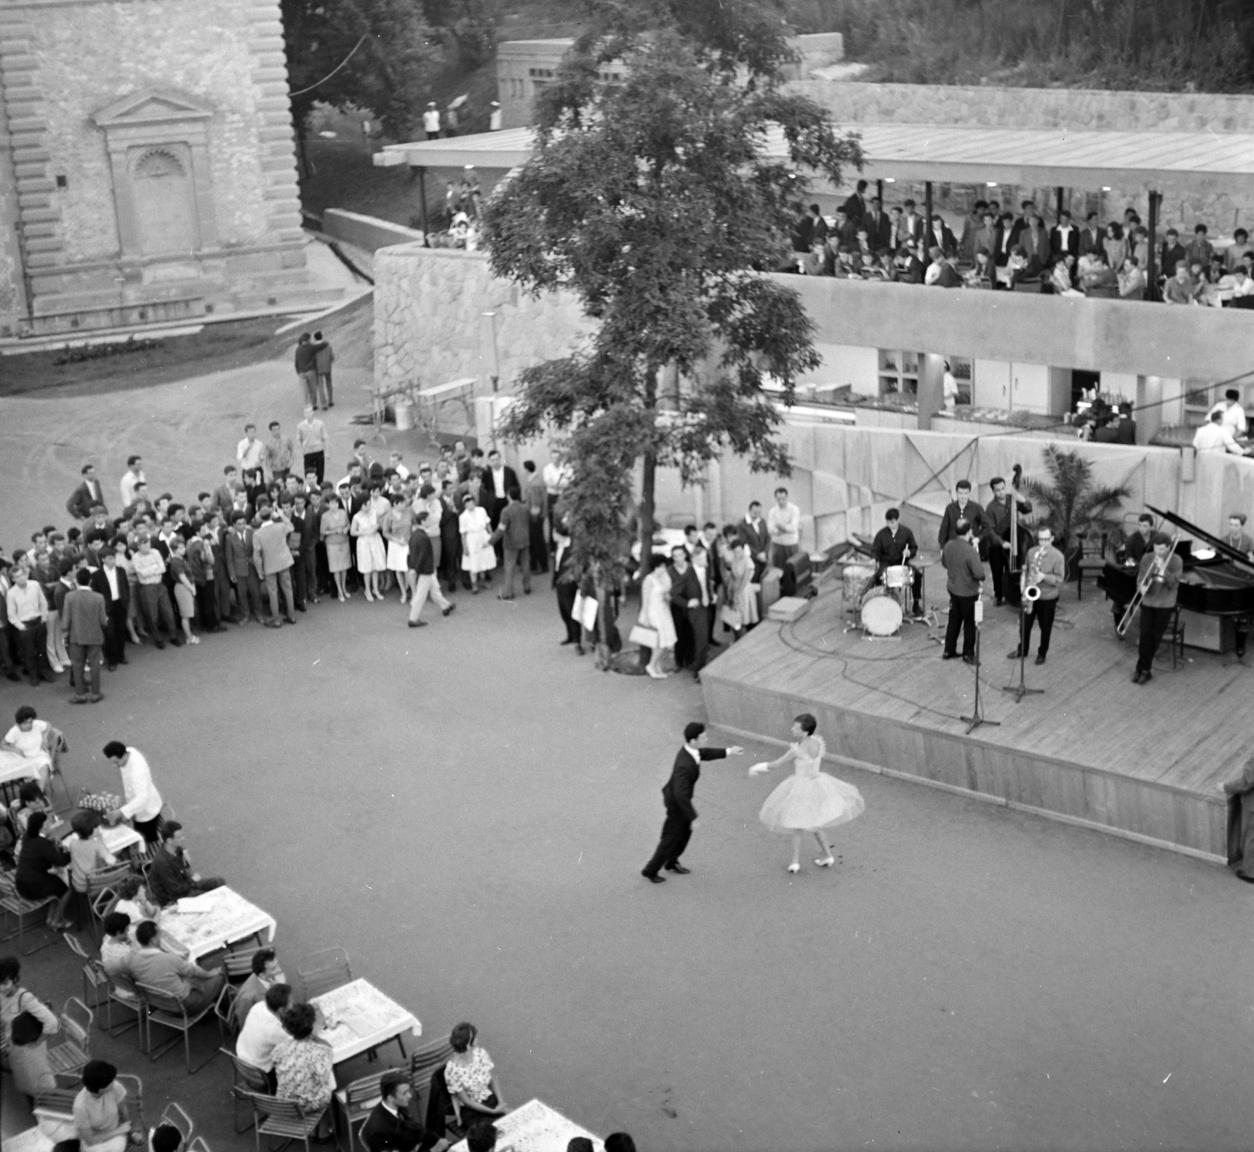 A megnyitás után sem csökkent az Ifipark utáni érdeklődés, a csütörtöki, szombati és vasárnapi bulik rendszeresen teltházasok voltak. Az első hónap alatt, tehát a szeptemberi zárásig, csaknem 25 ezren szórakoztak itt.